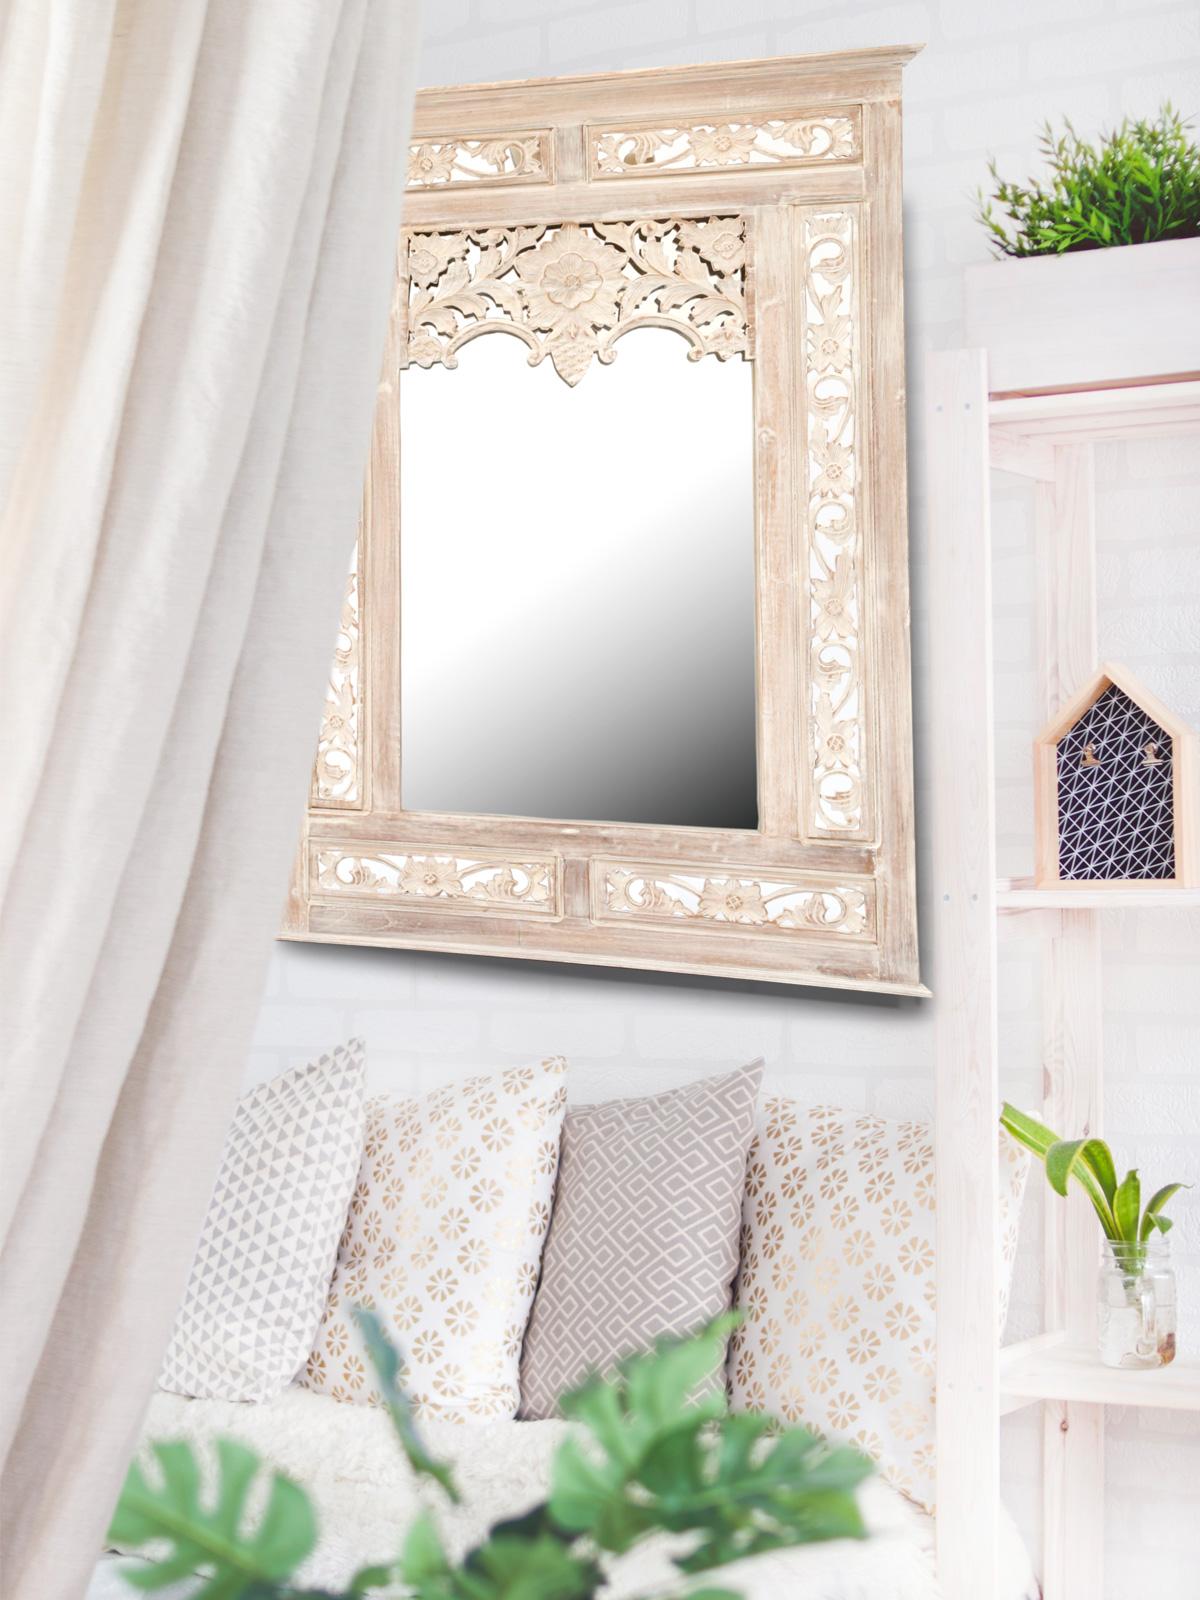 Grote witte oosterse spiegel handgemaakt met open for Goedkope barok spiegel